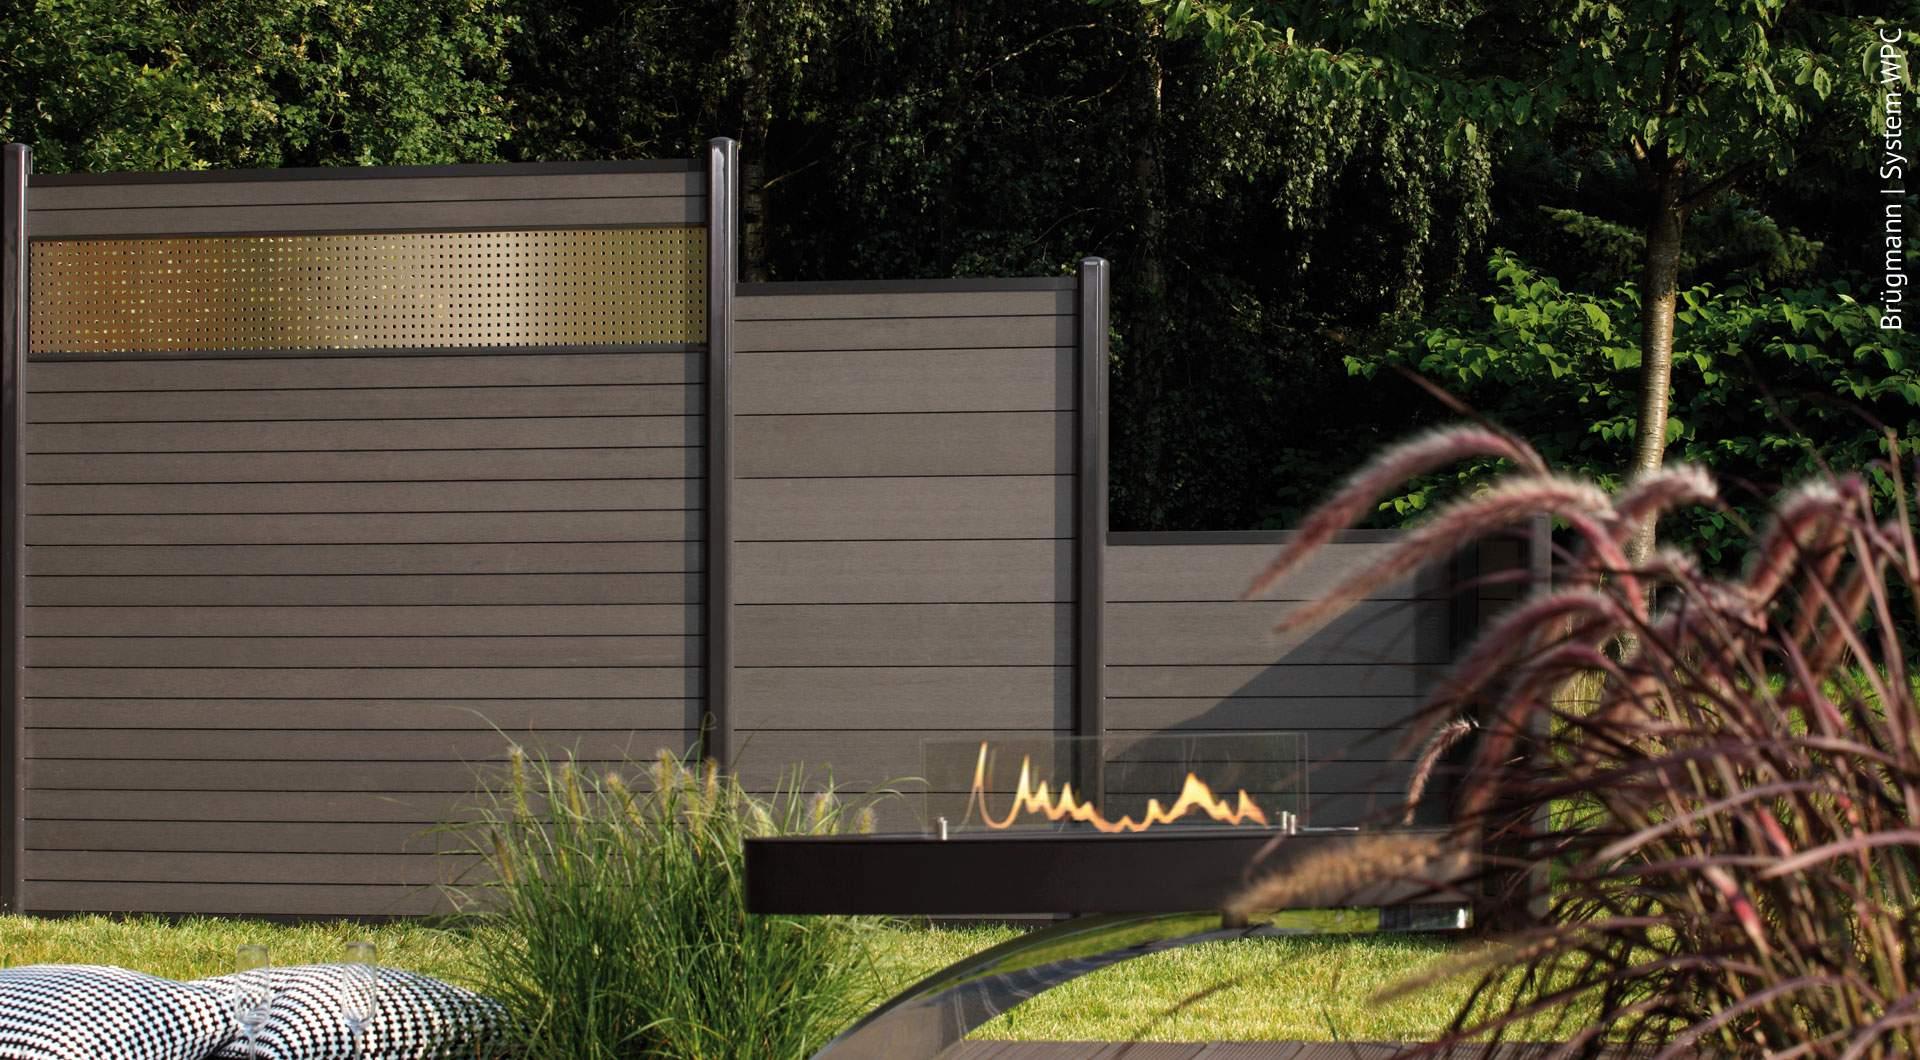 Garten Sichtschutz Elegant Wpc Zäune – Der Sichtschutz Ohne Pflegeaufwand Holz Roeren Gmbh